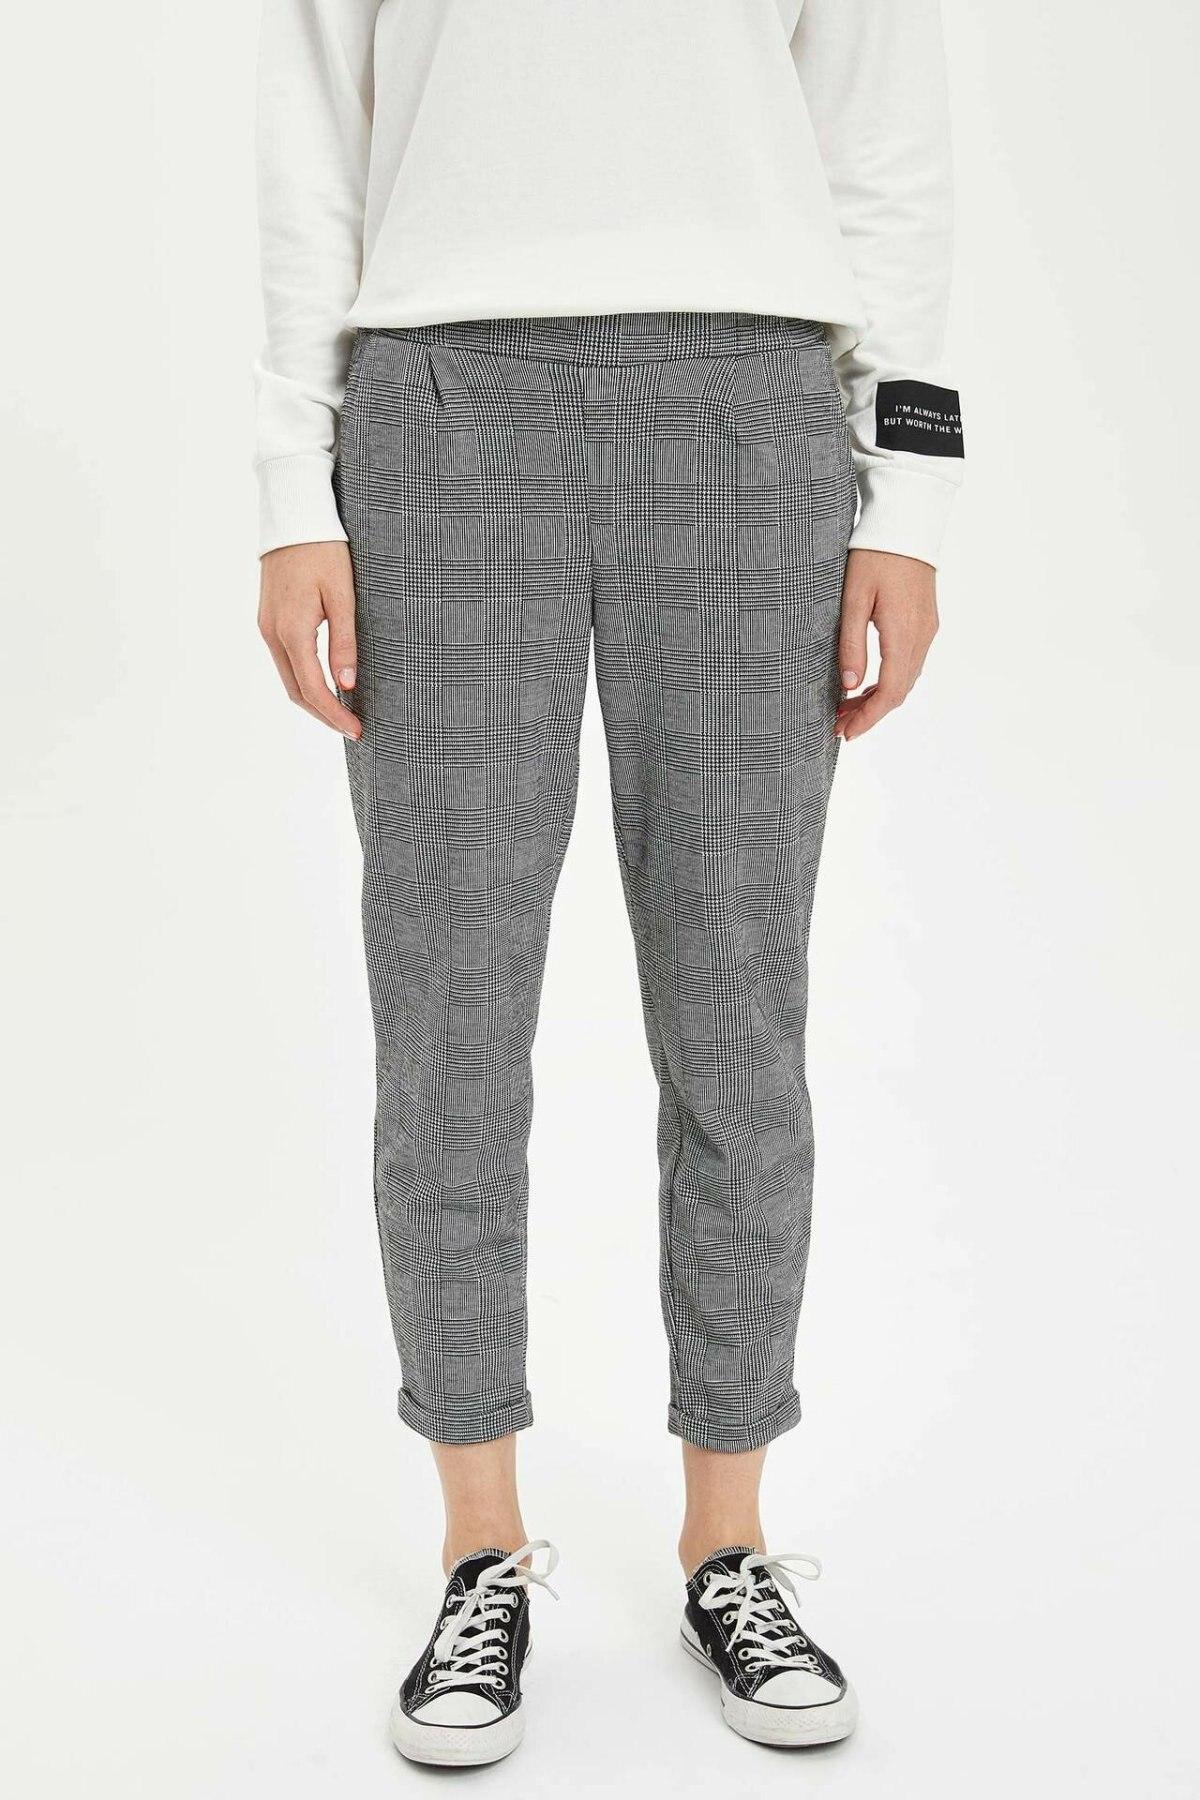 DeFacto Womens Mid Elastic Waist Crop Pants Plaid Pattern Casual Ladies Loose Trousers Sport Female Comfort - L2882AZ19AU